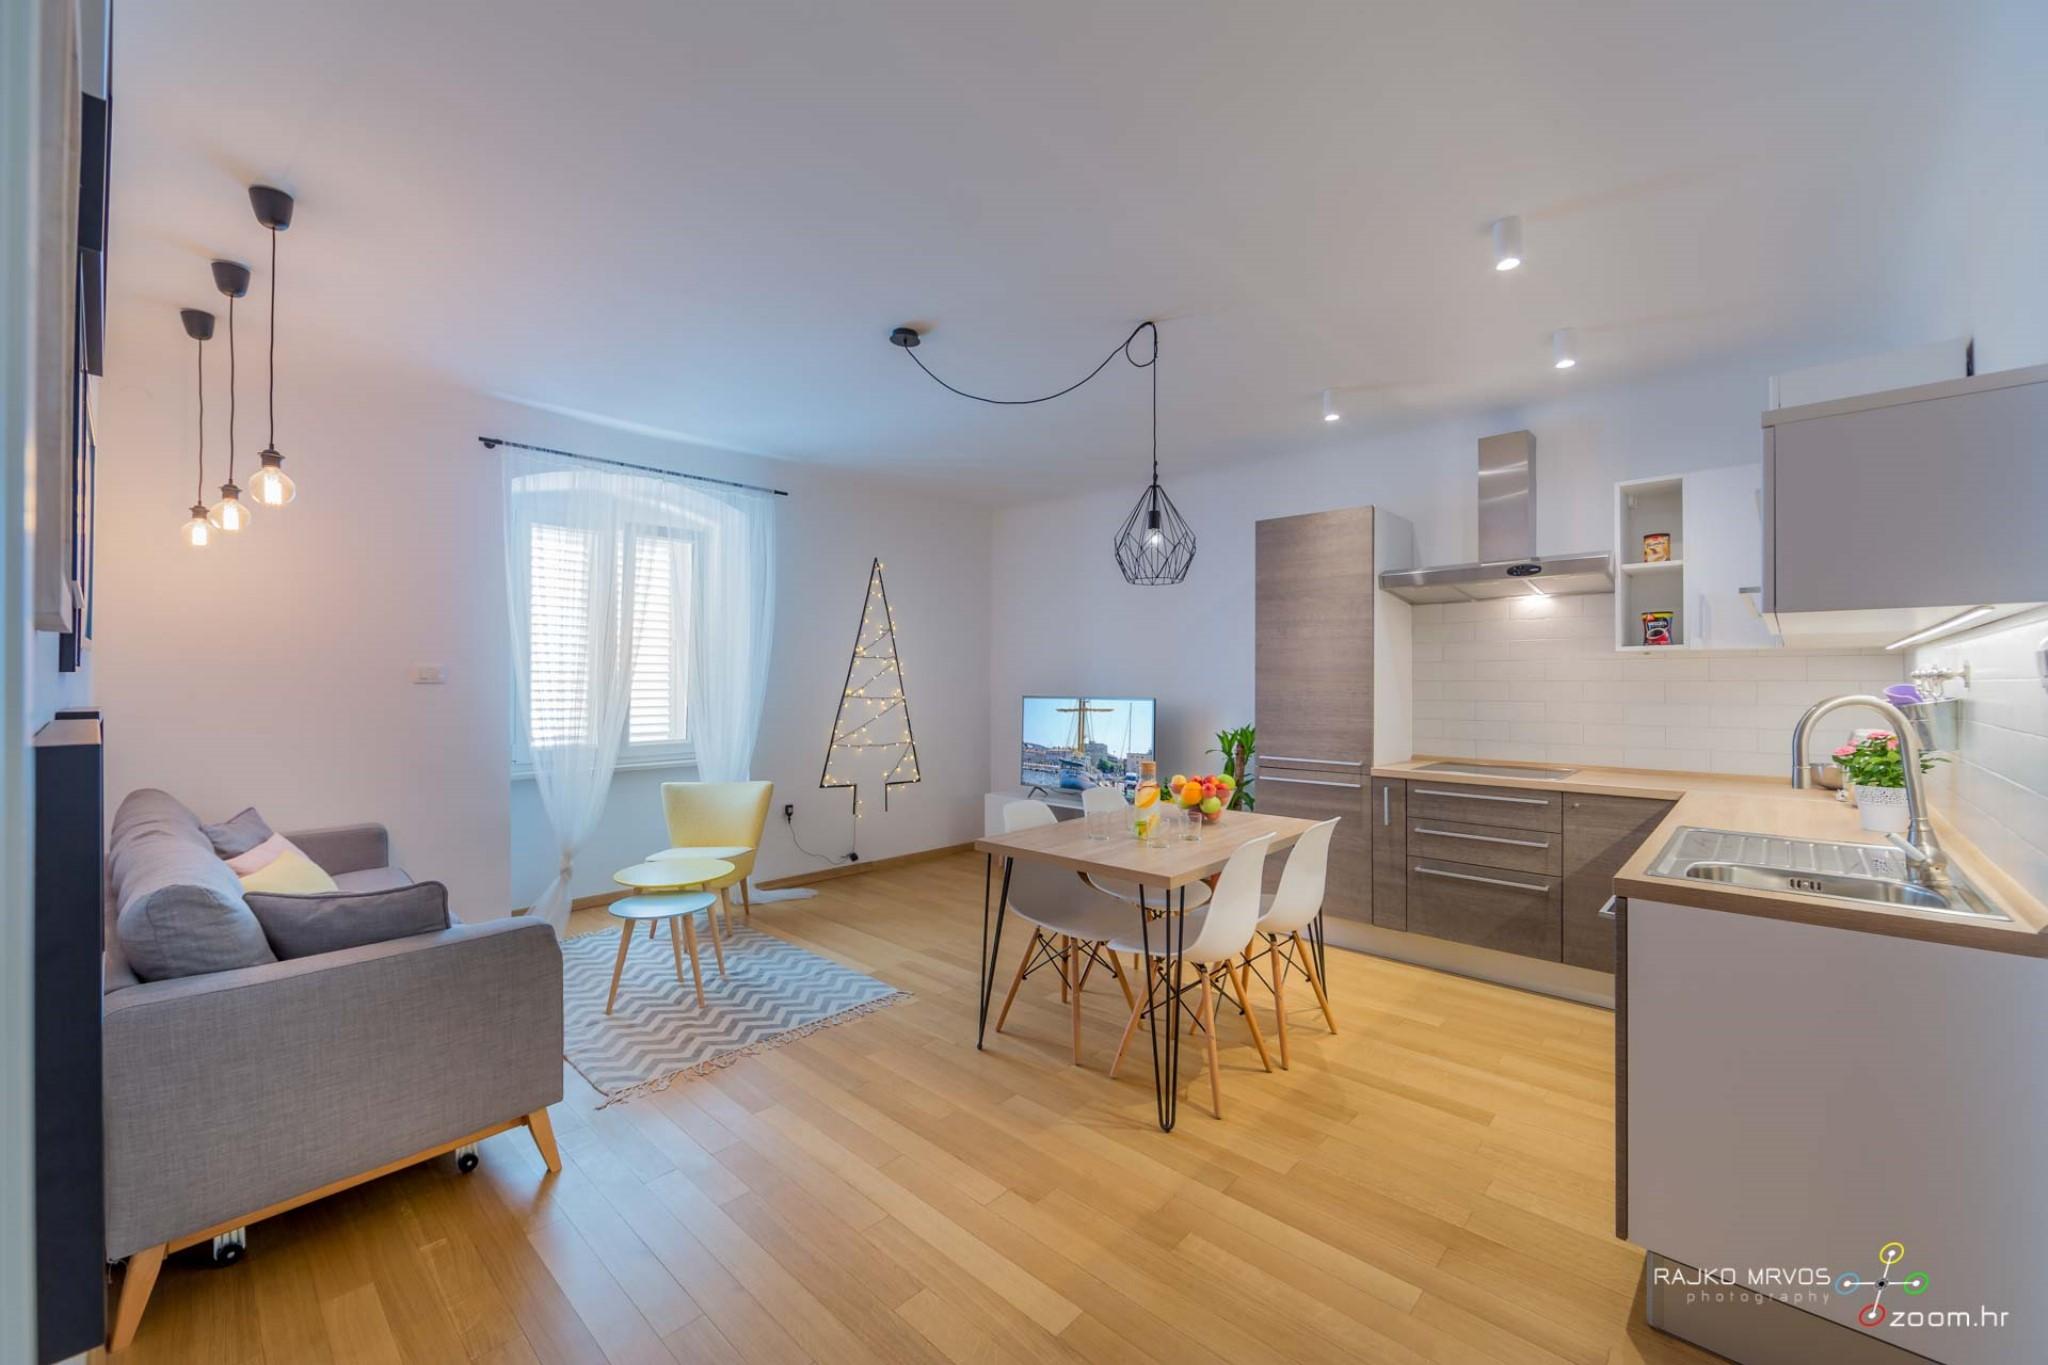 fotograf-interijera-fotograf-eksterijera-slikanje-apartmana-Central-Rijeka-Apartments-2